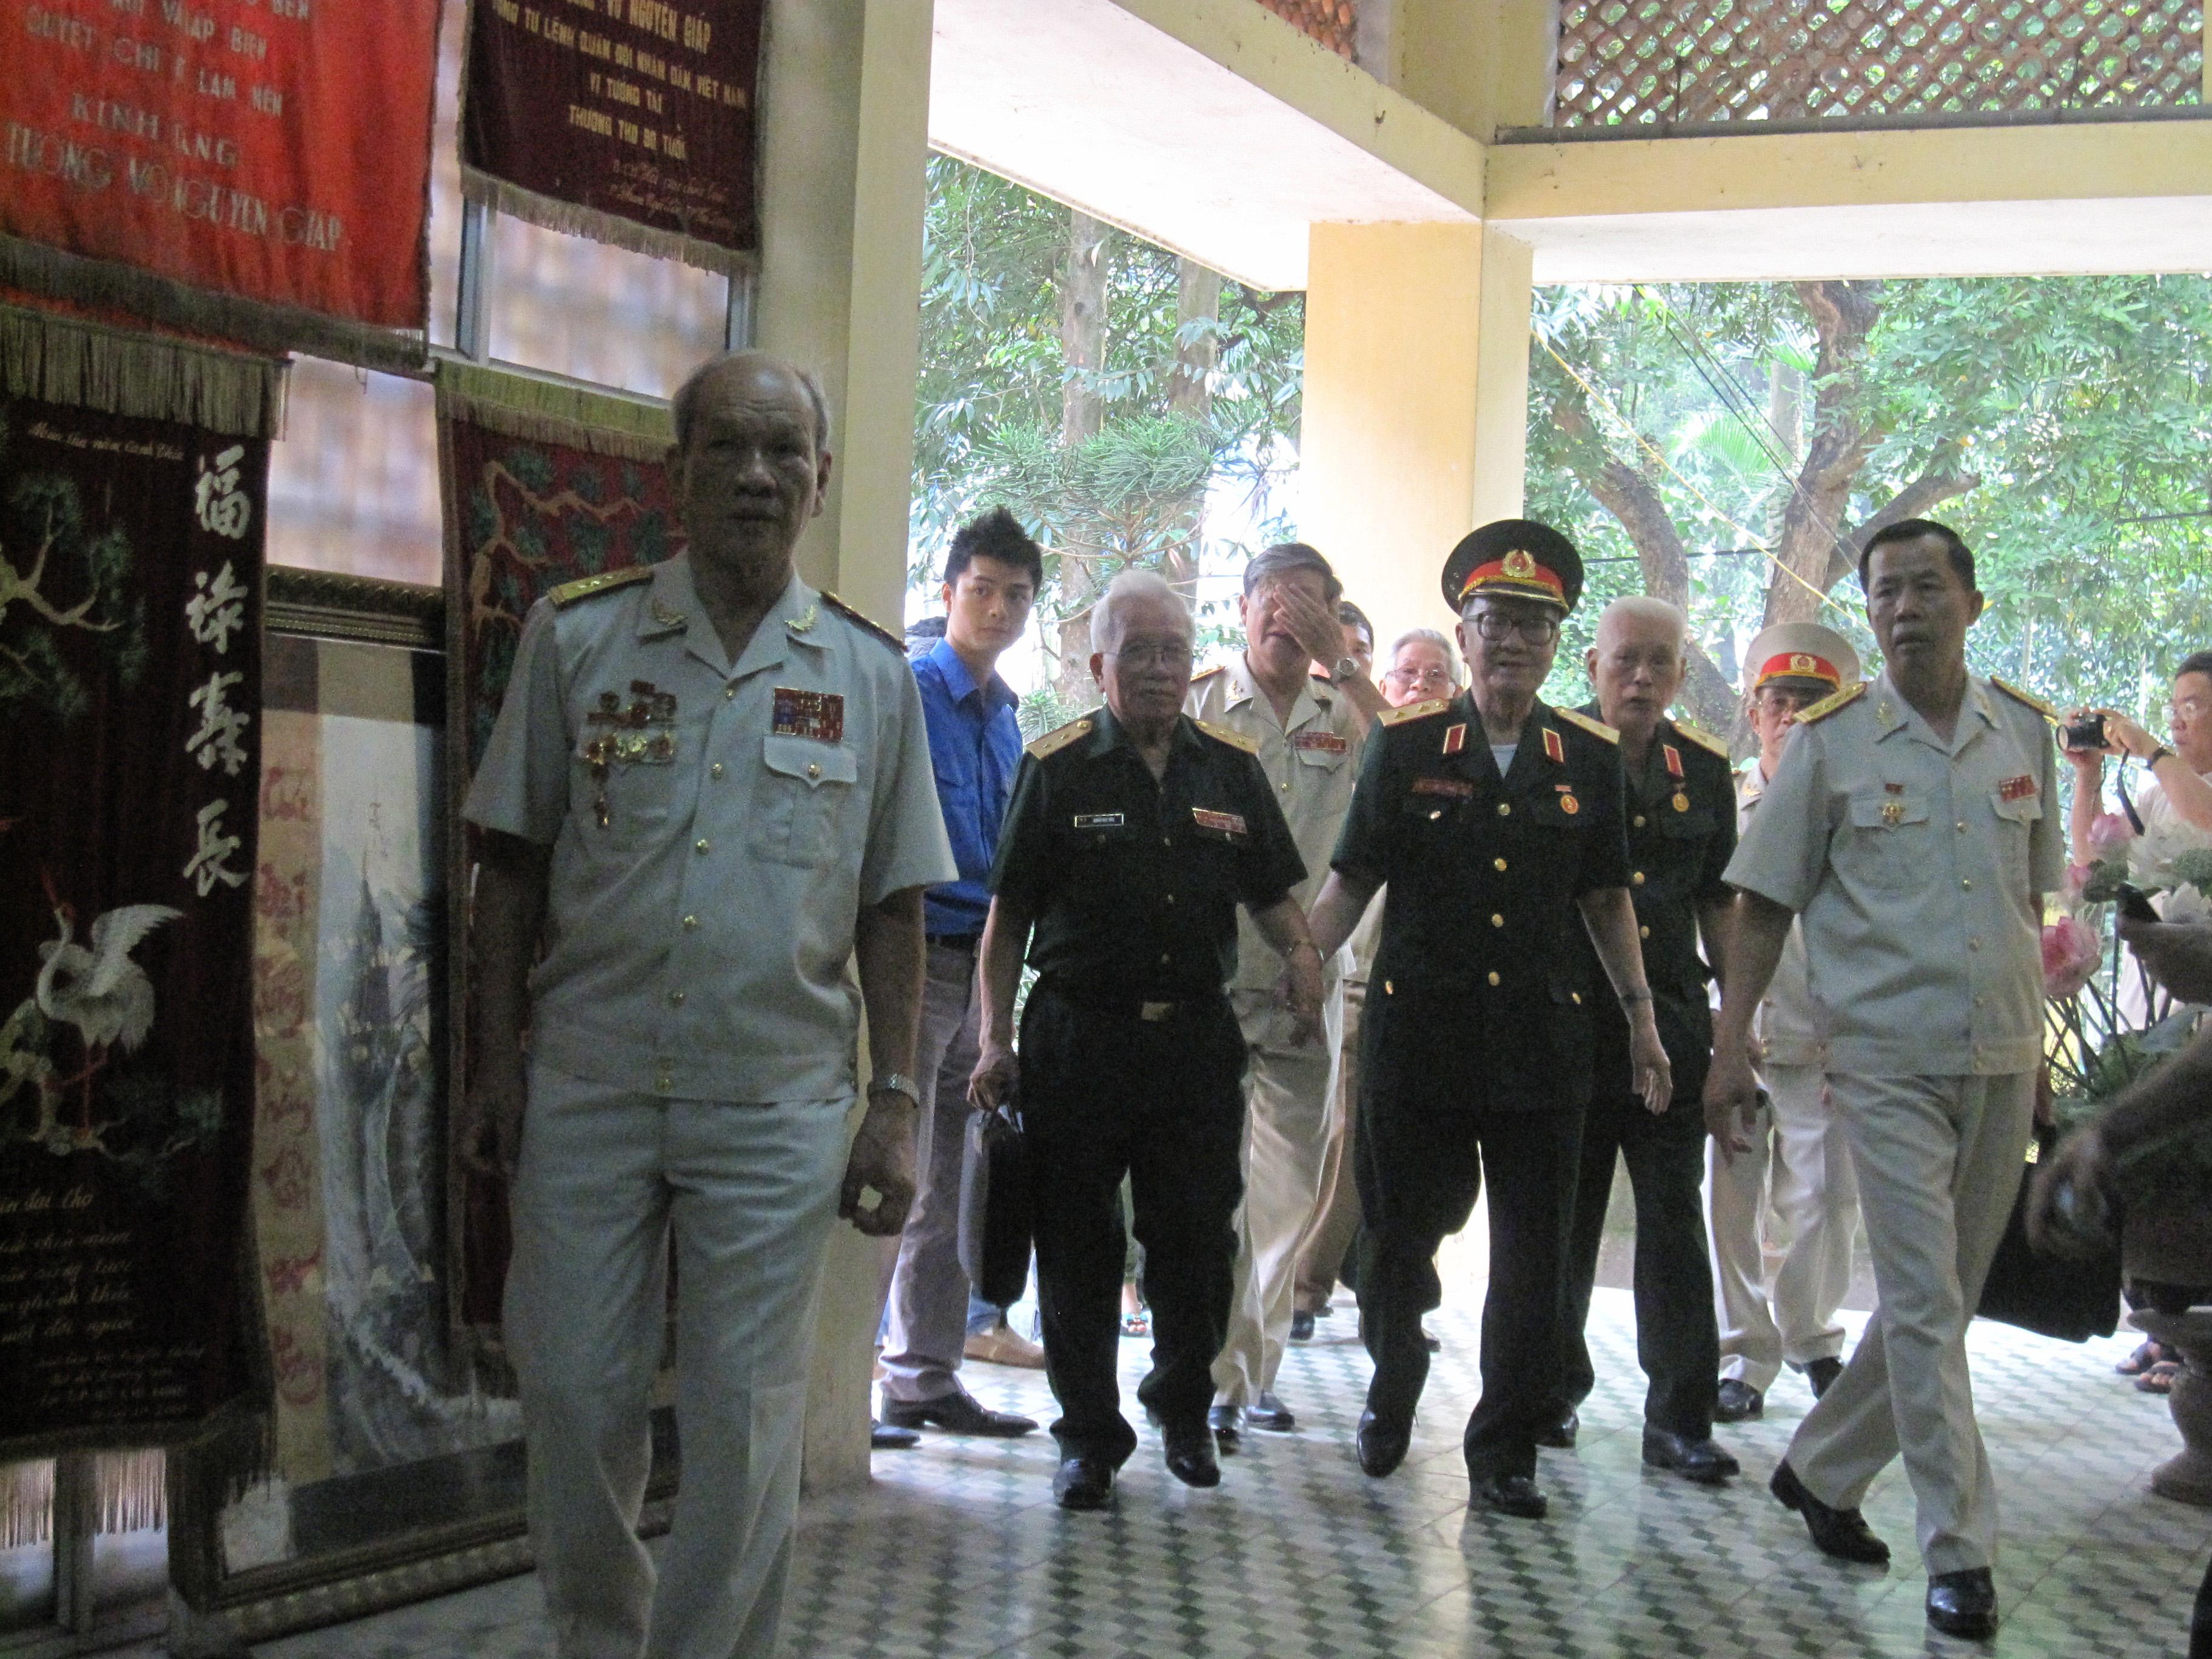 Từ 2h30 chiều nay toàn thể nhân dân có thể vào viếng Đại tướng Võ Nguyên Giáp 1